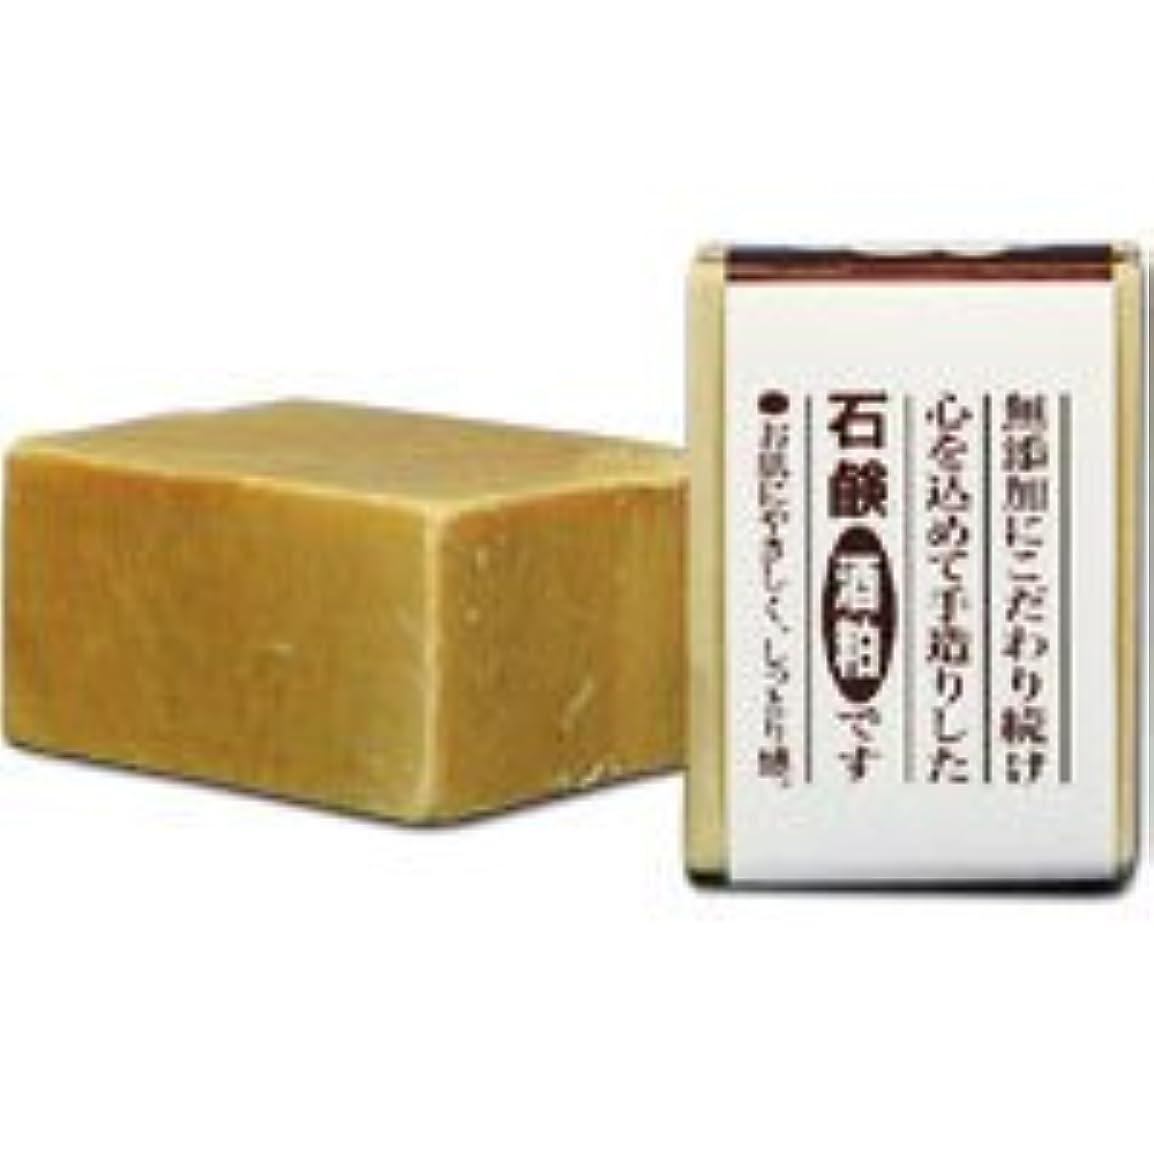 小康変なキルト酒粕石鹸 130g